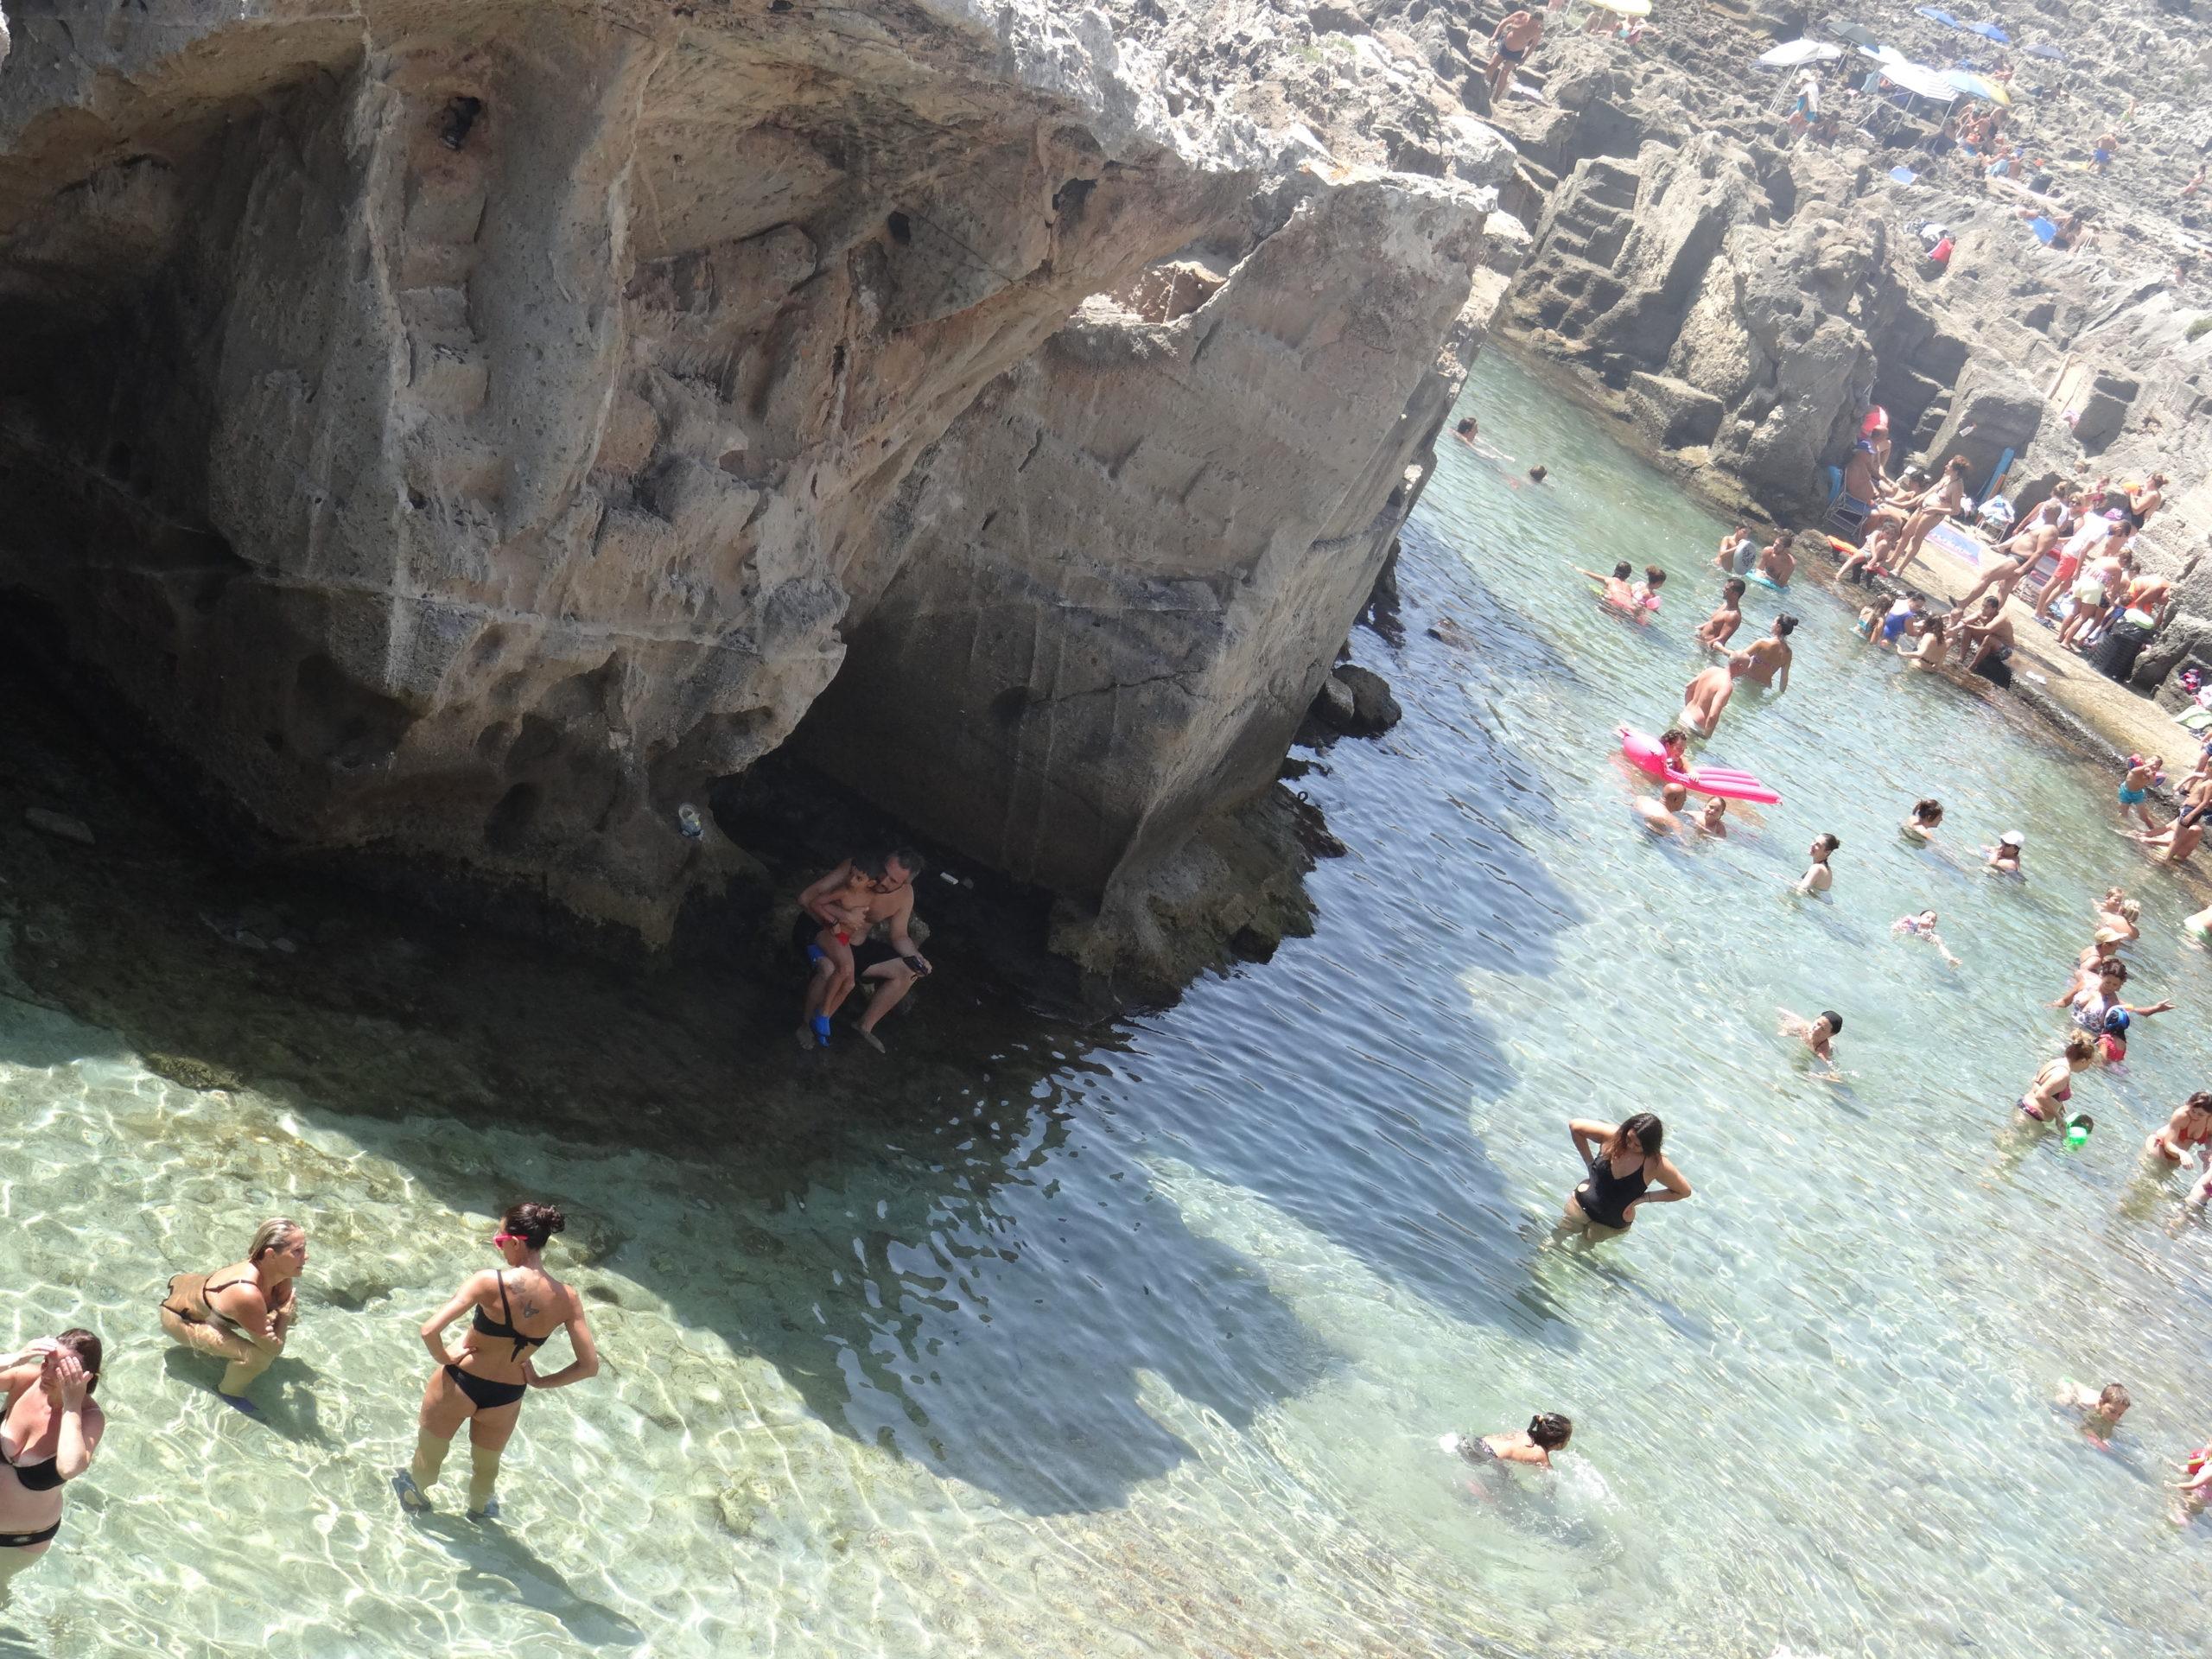 The natural swimming basin at Marina Serra in Salento, Puglia.